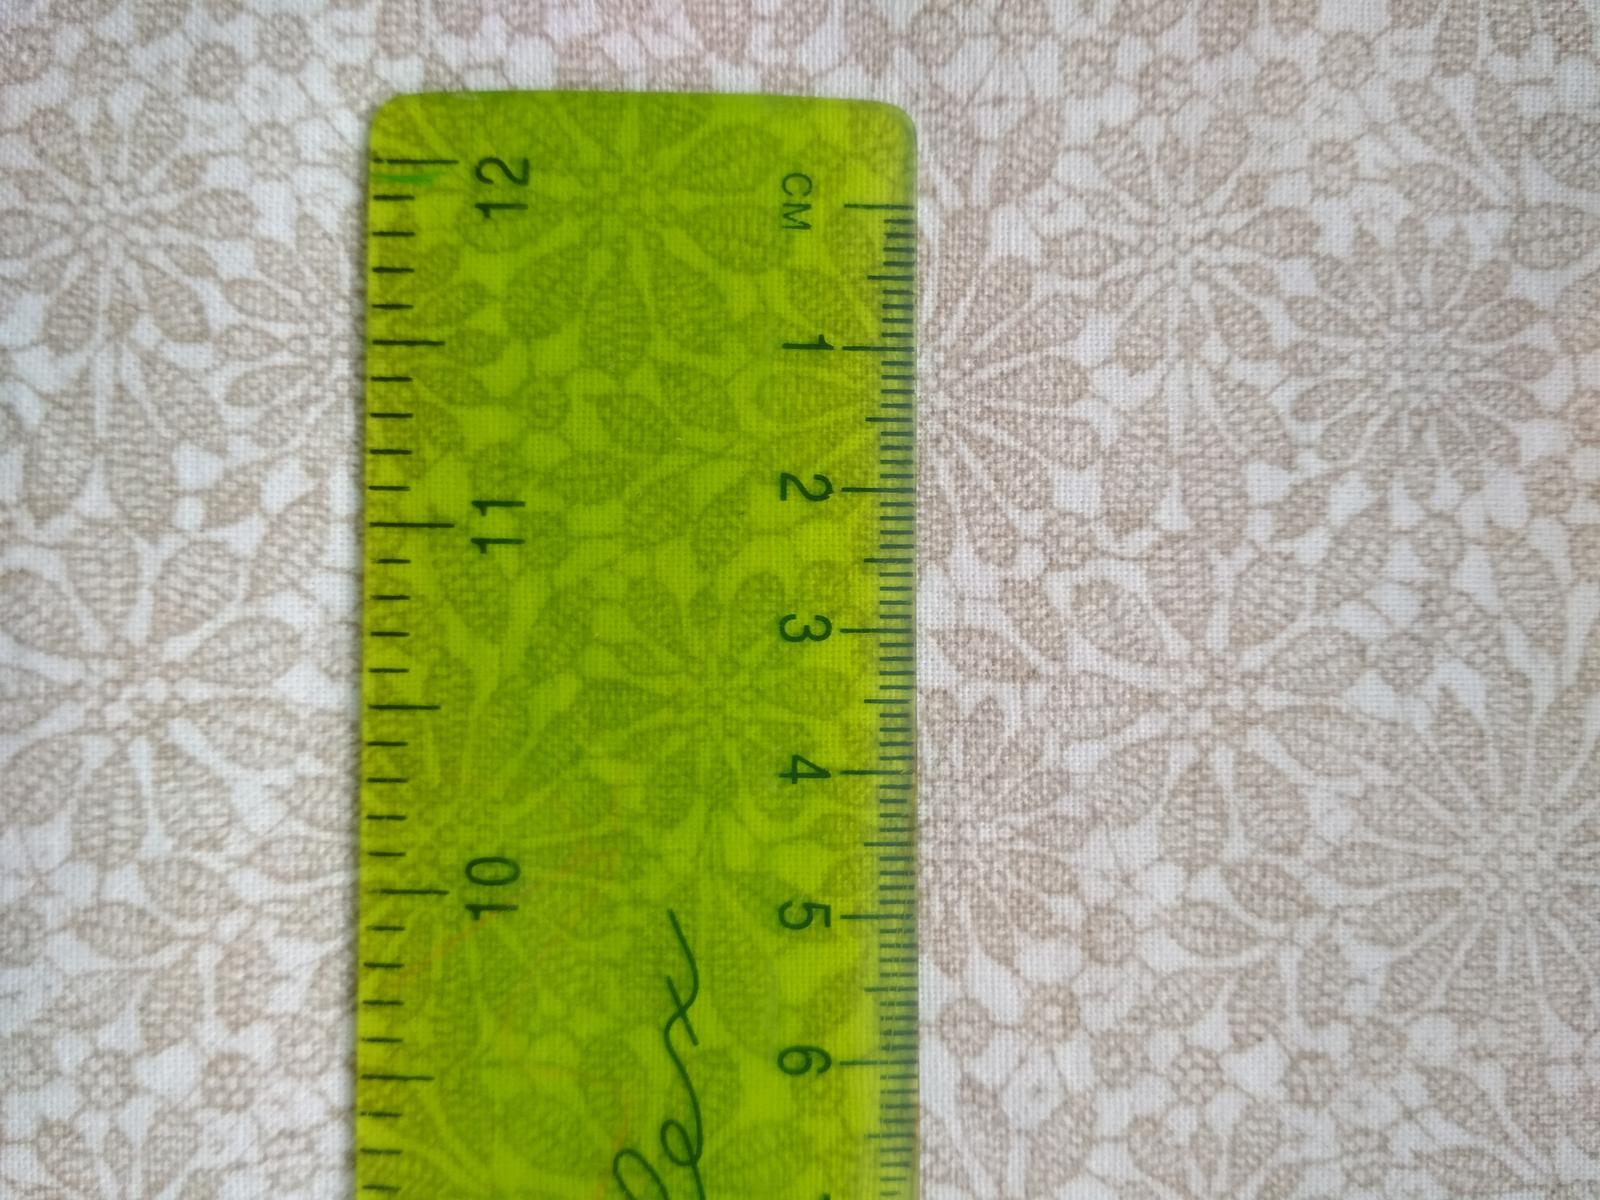 Obliečky na dekoračné vankúše 38x38 cm - Obrázok č. 2